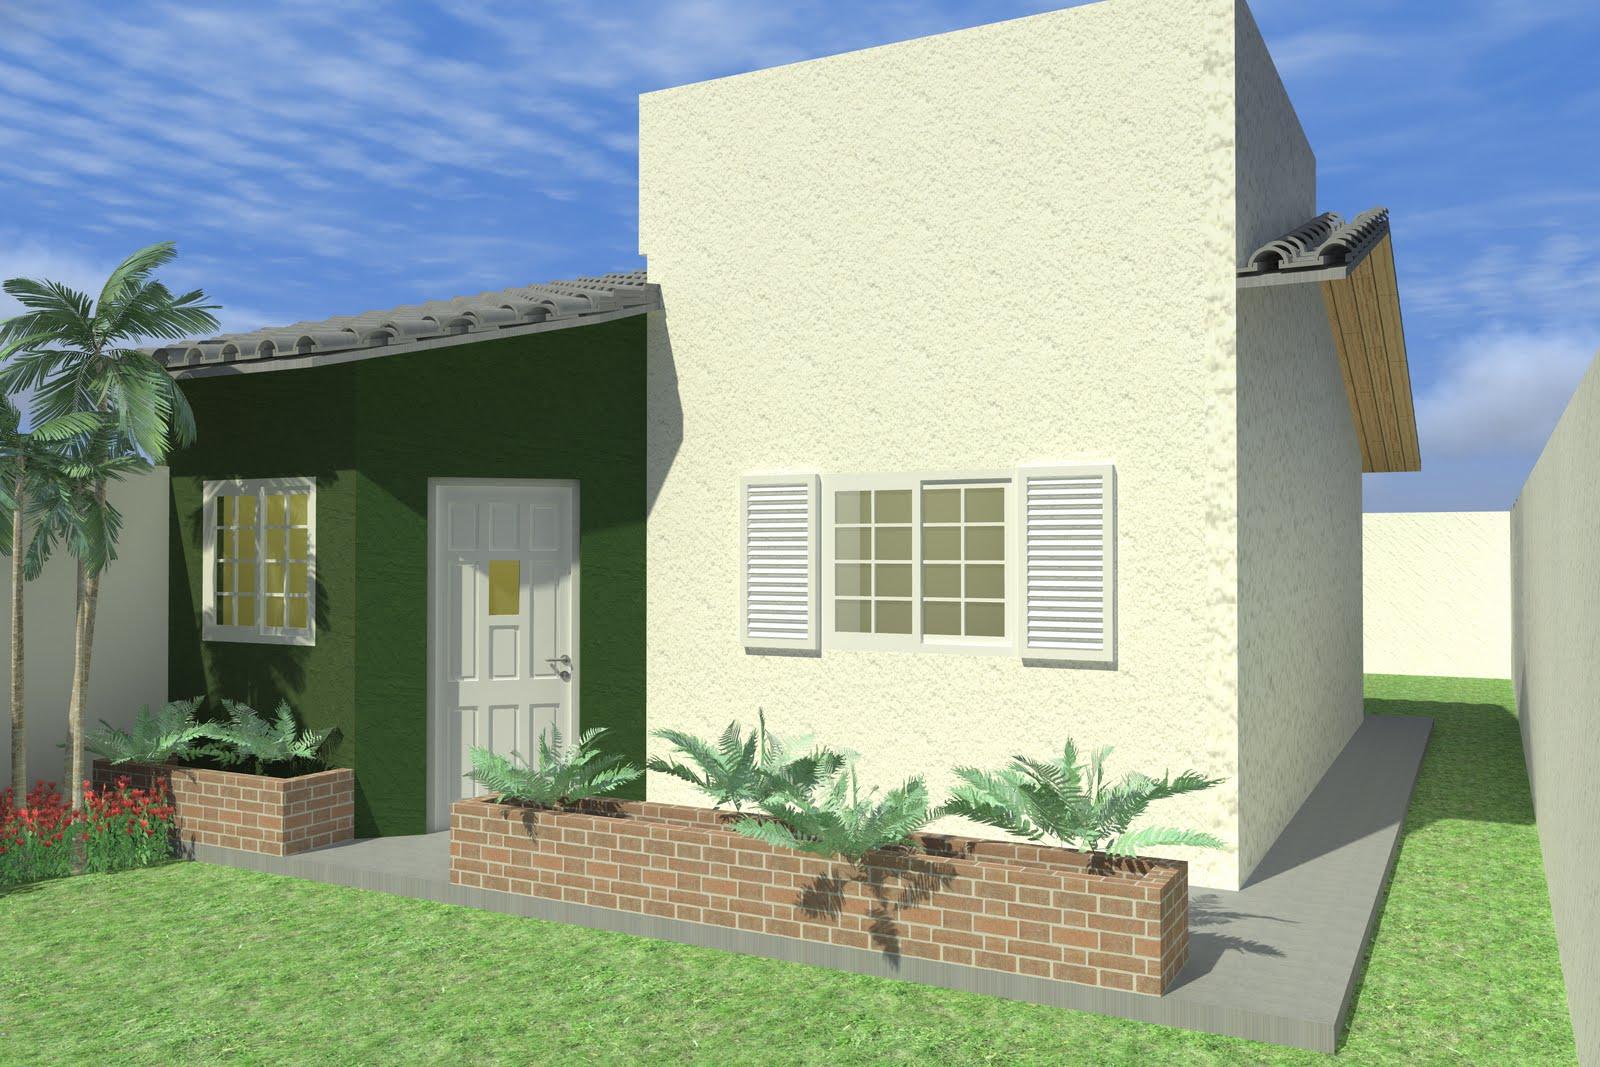 Fachadas para casas pequenas e modernas 40 fotos toda Fachadas modernas para casas